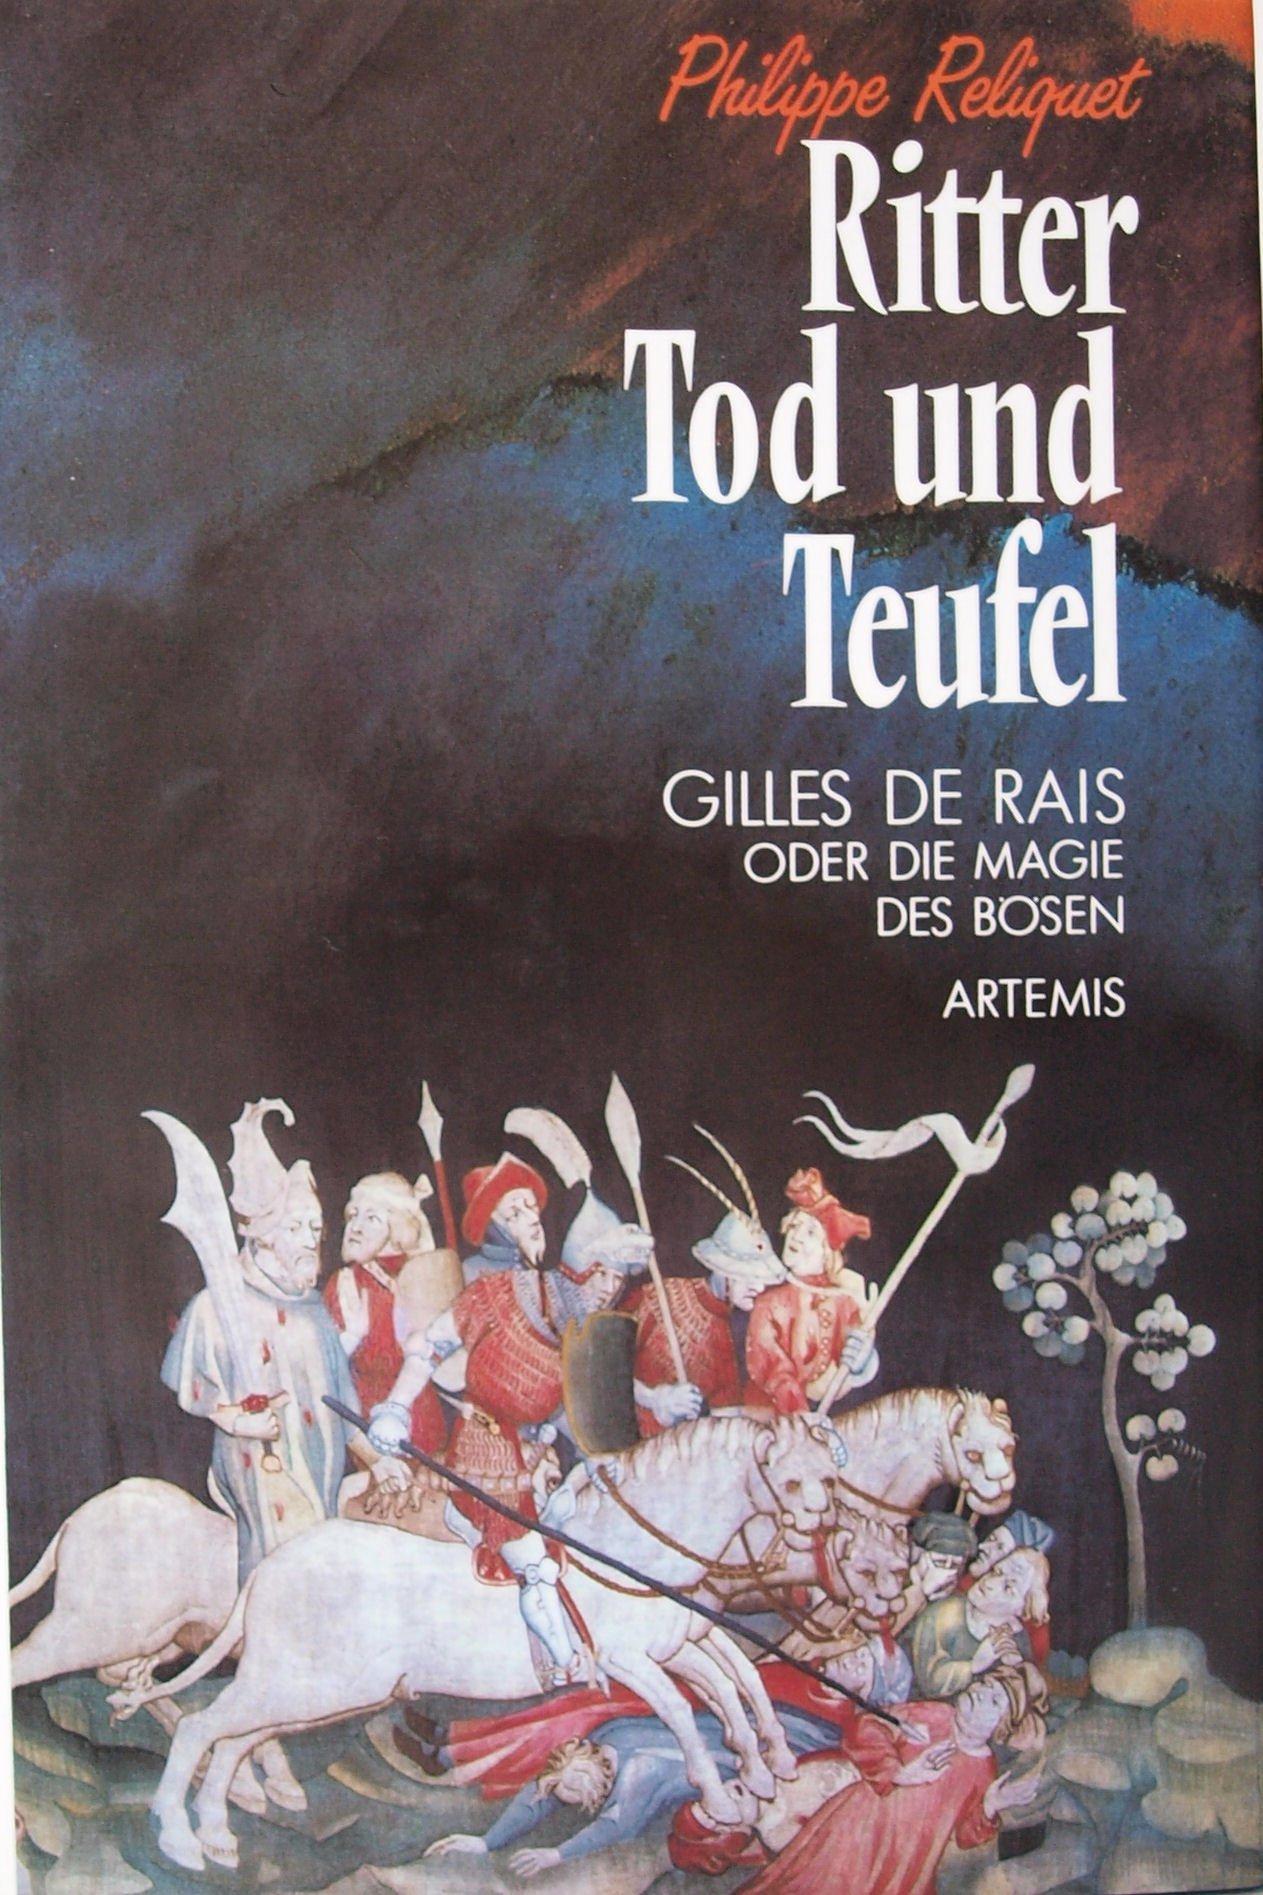 Ritter, Tod und Teufel. Gilles de Rais oder die Magie des Bösen